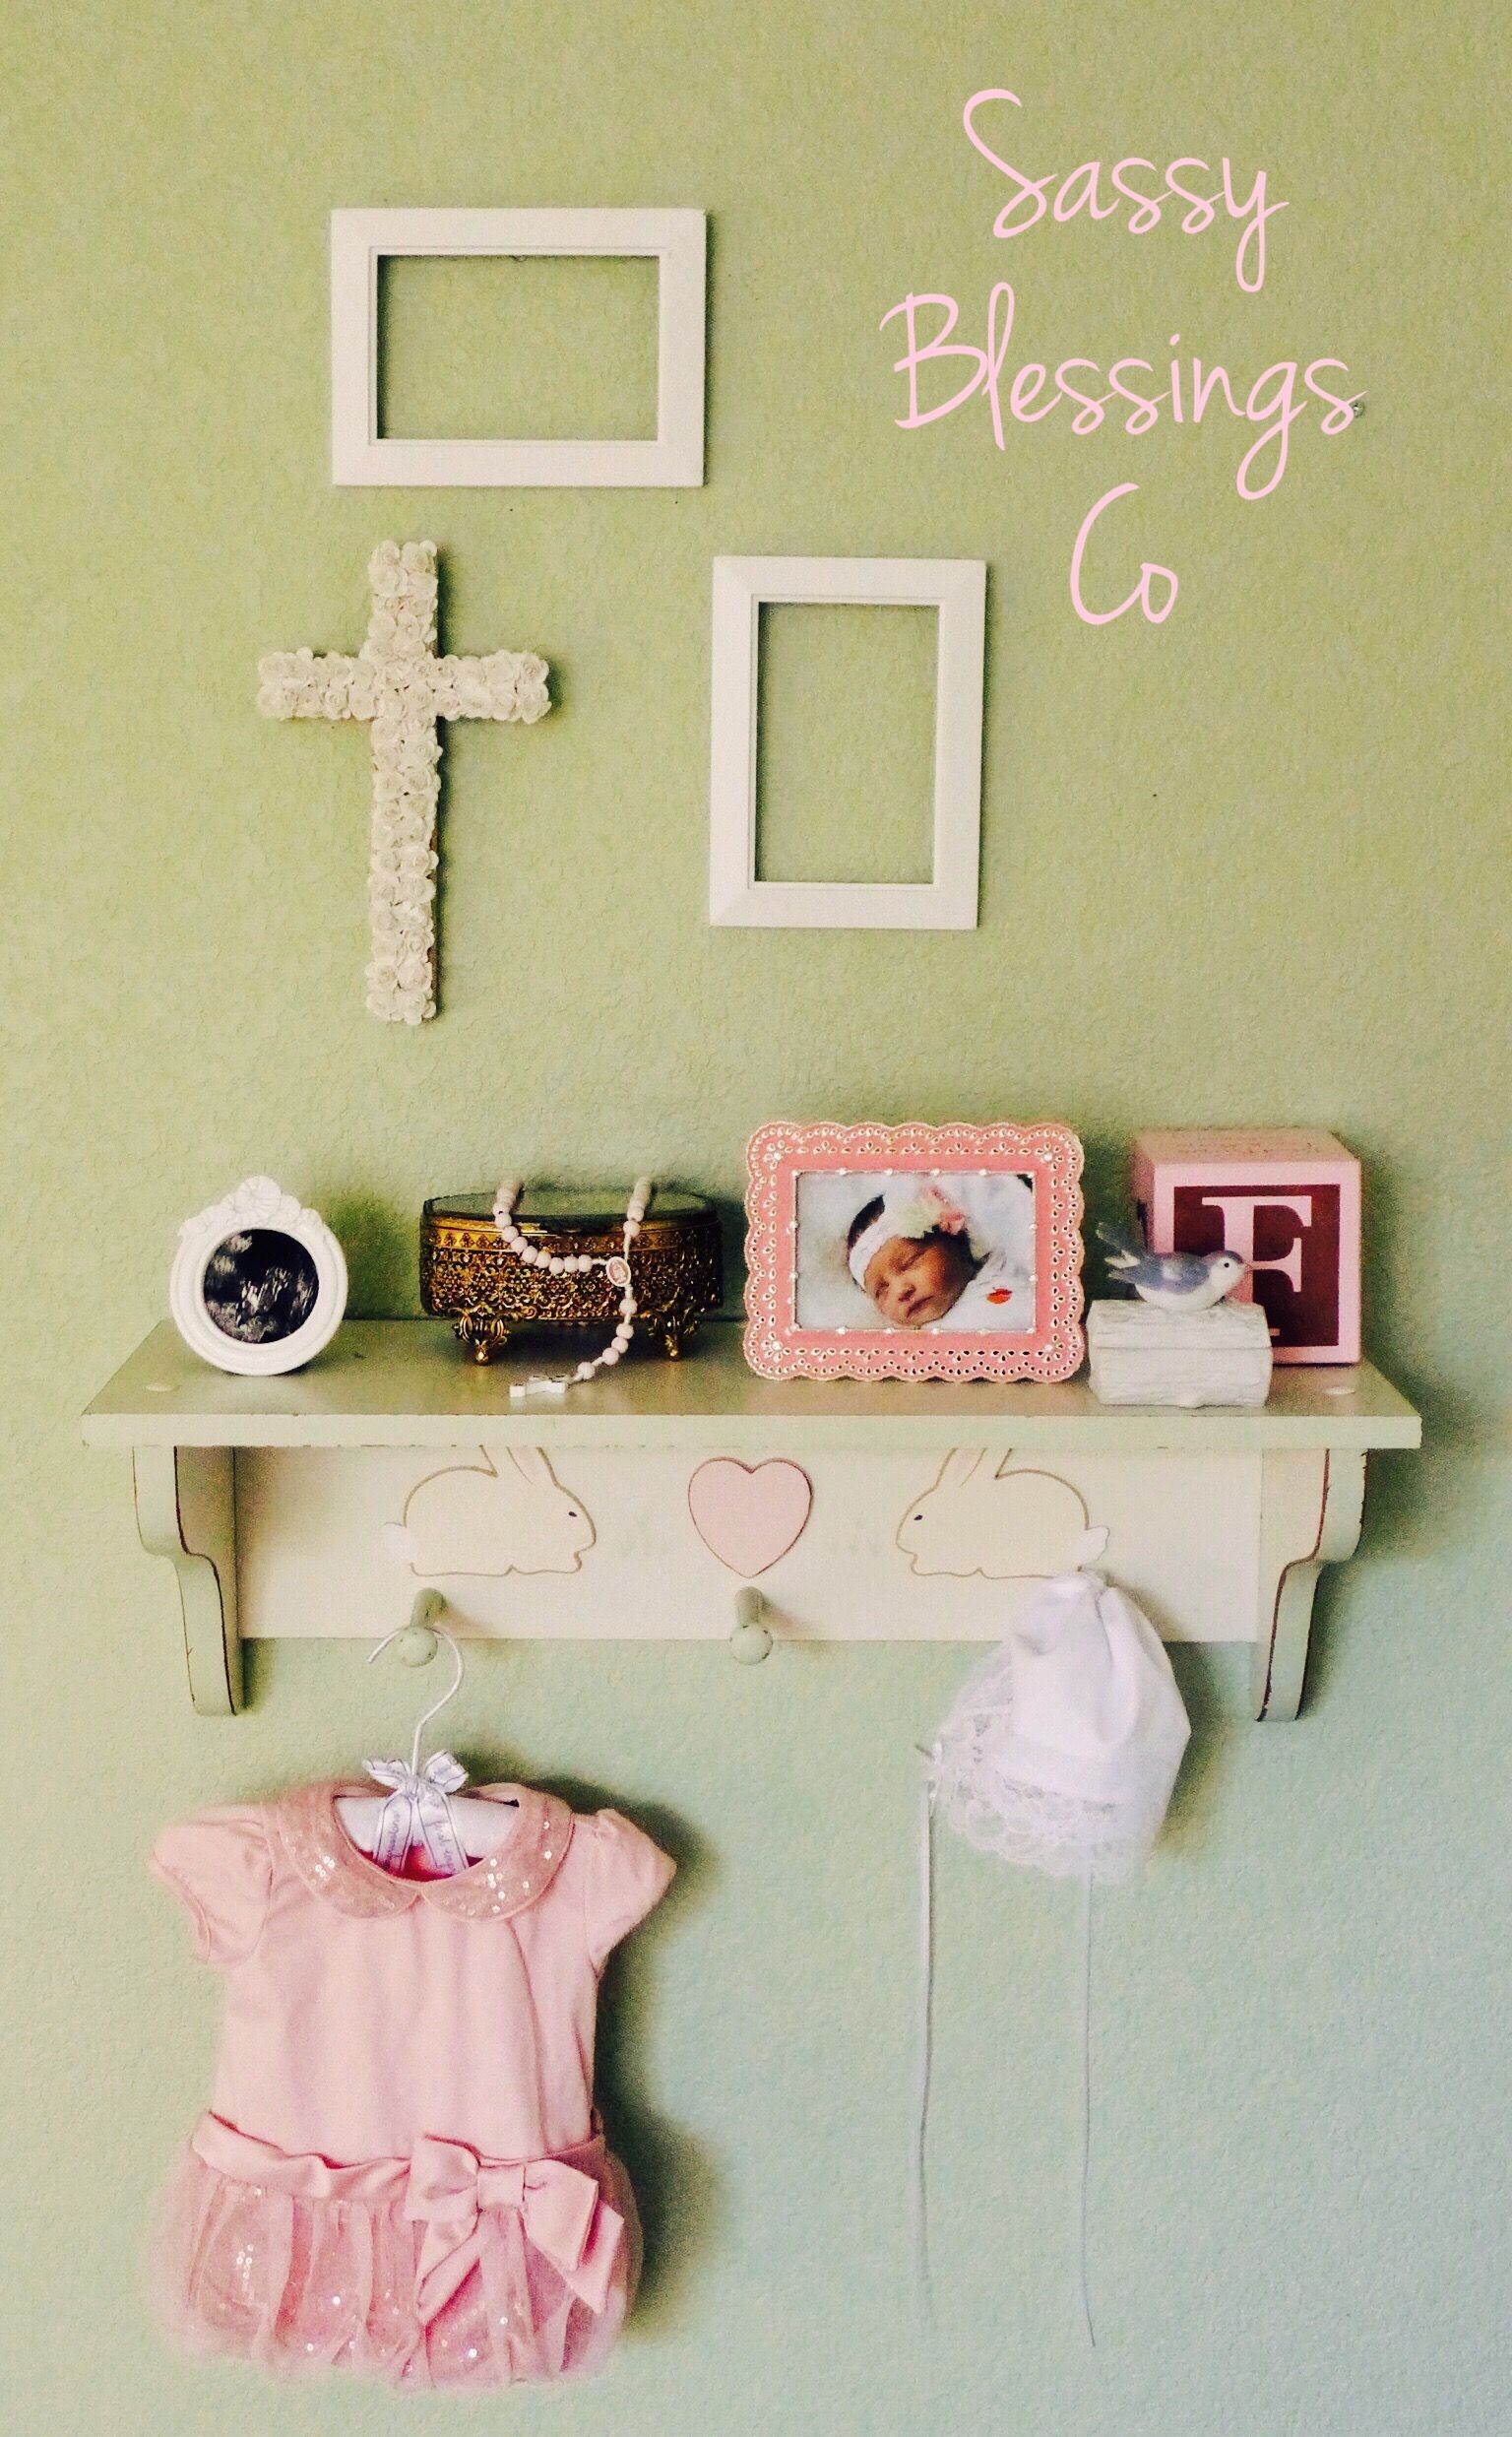 Baptism ideas girl/ goddaughter gift/godchild gift/ baptism gift ...